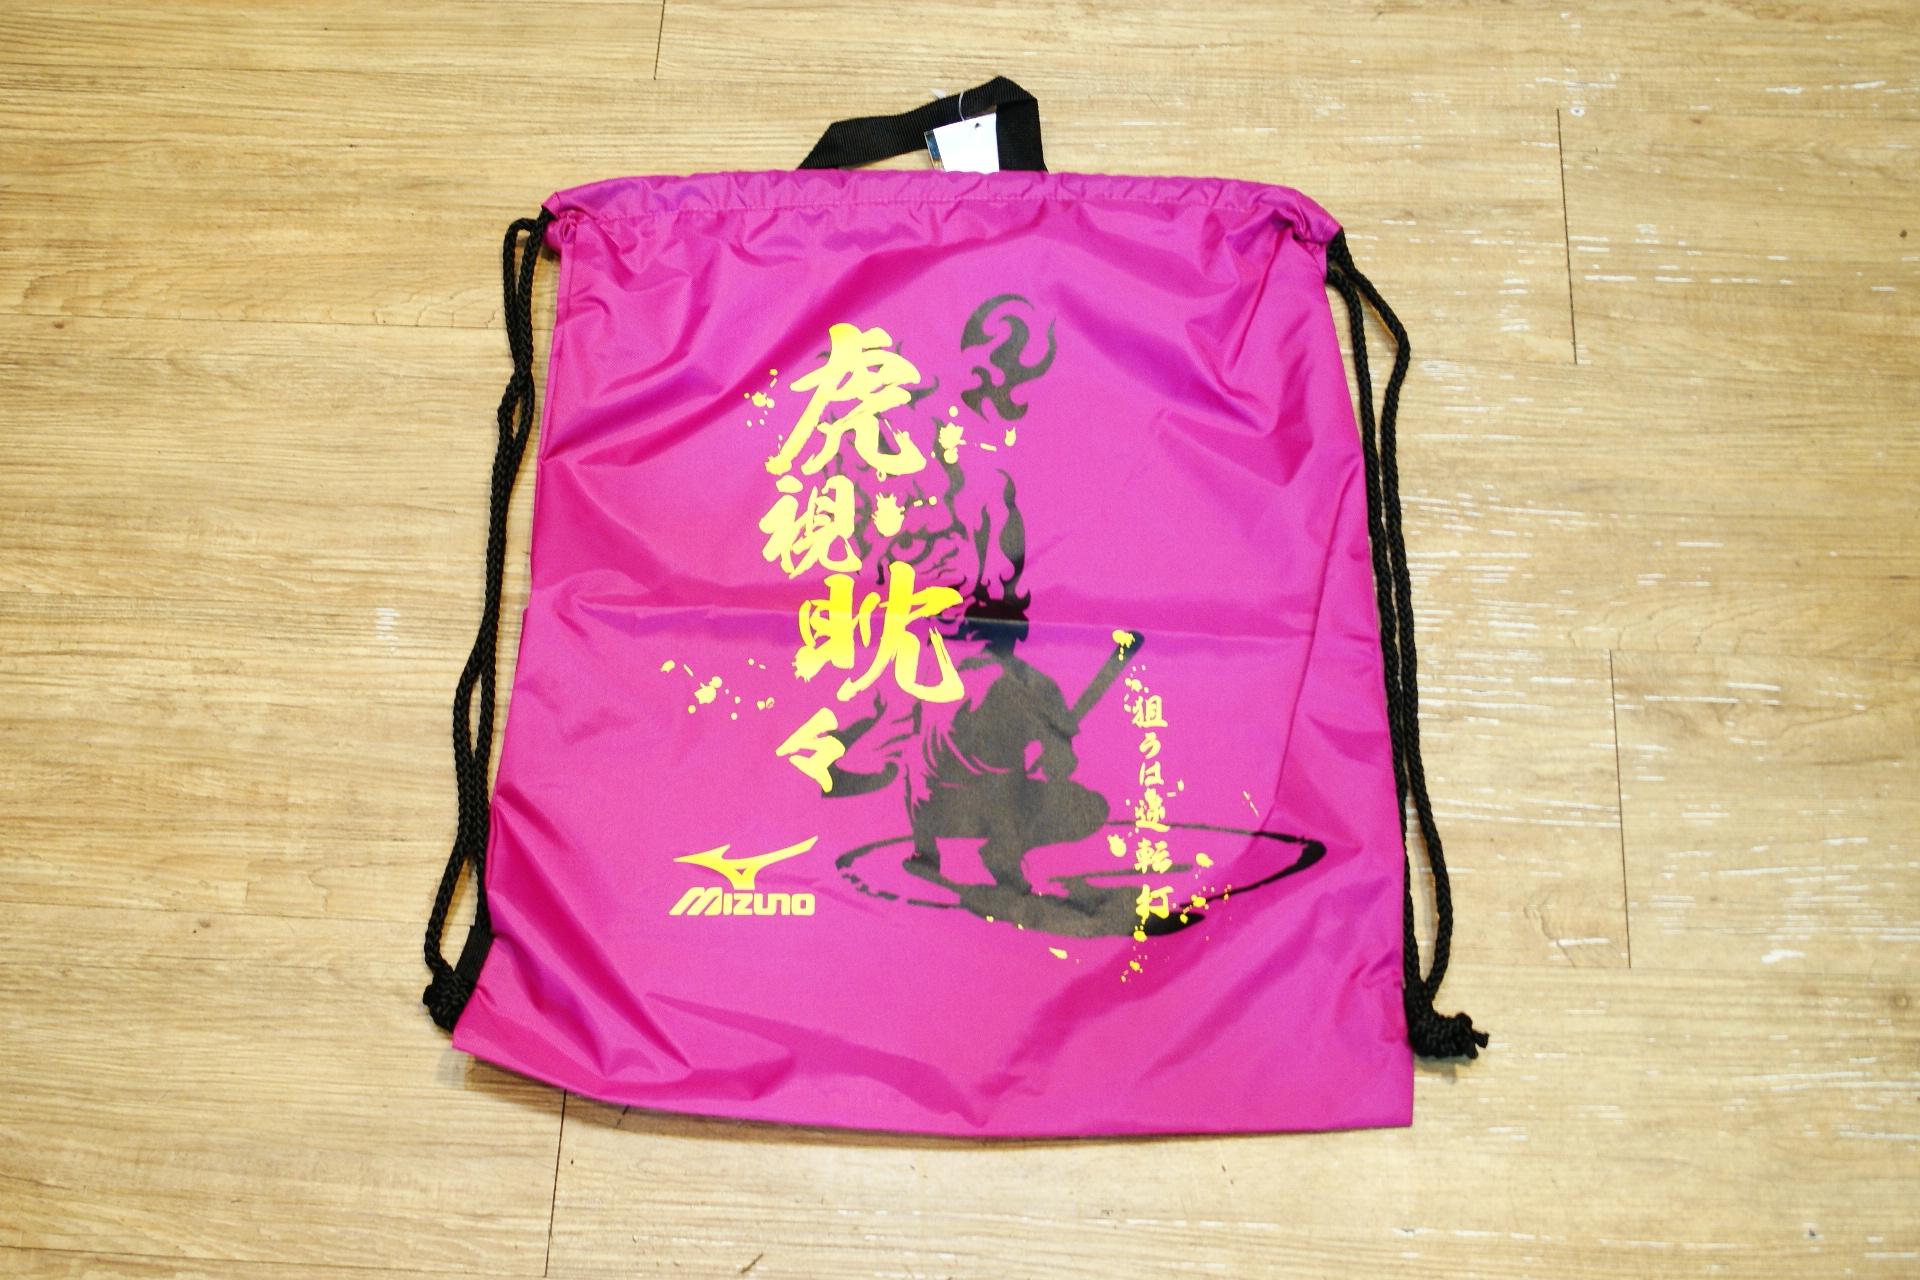 棒球世界 全新Mizuno美津濃原廠手套袋 特價虎視眈眈